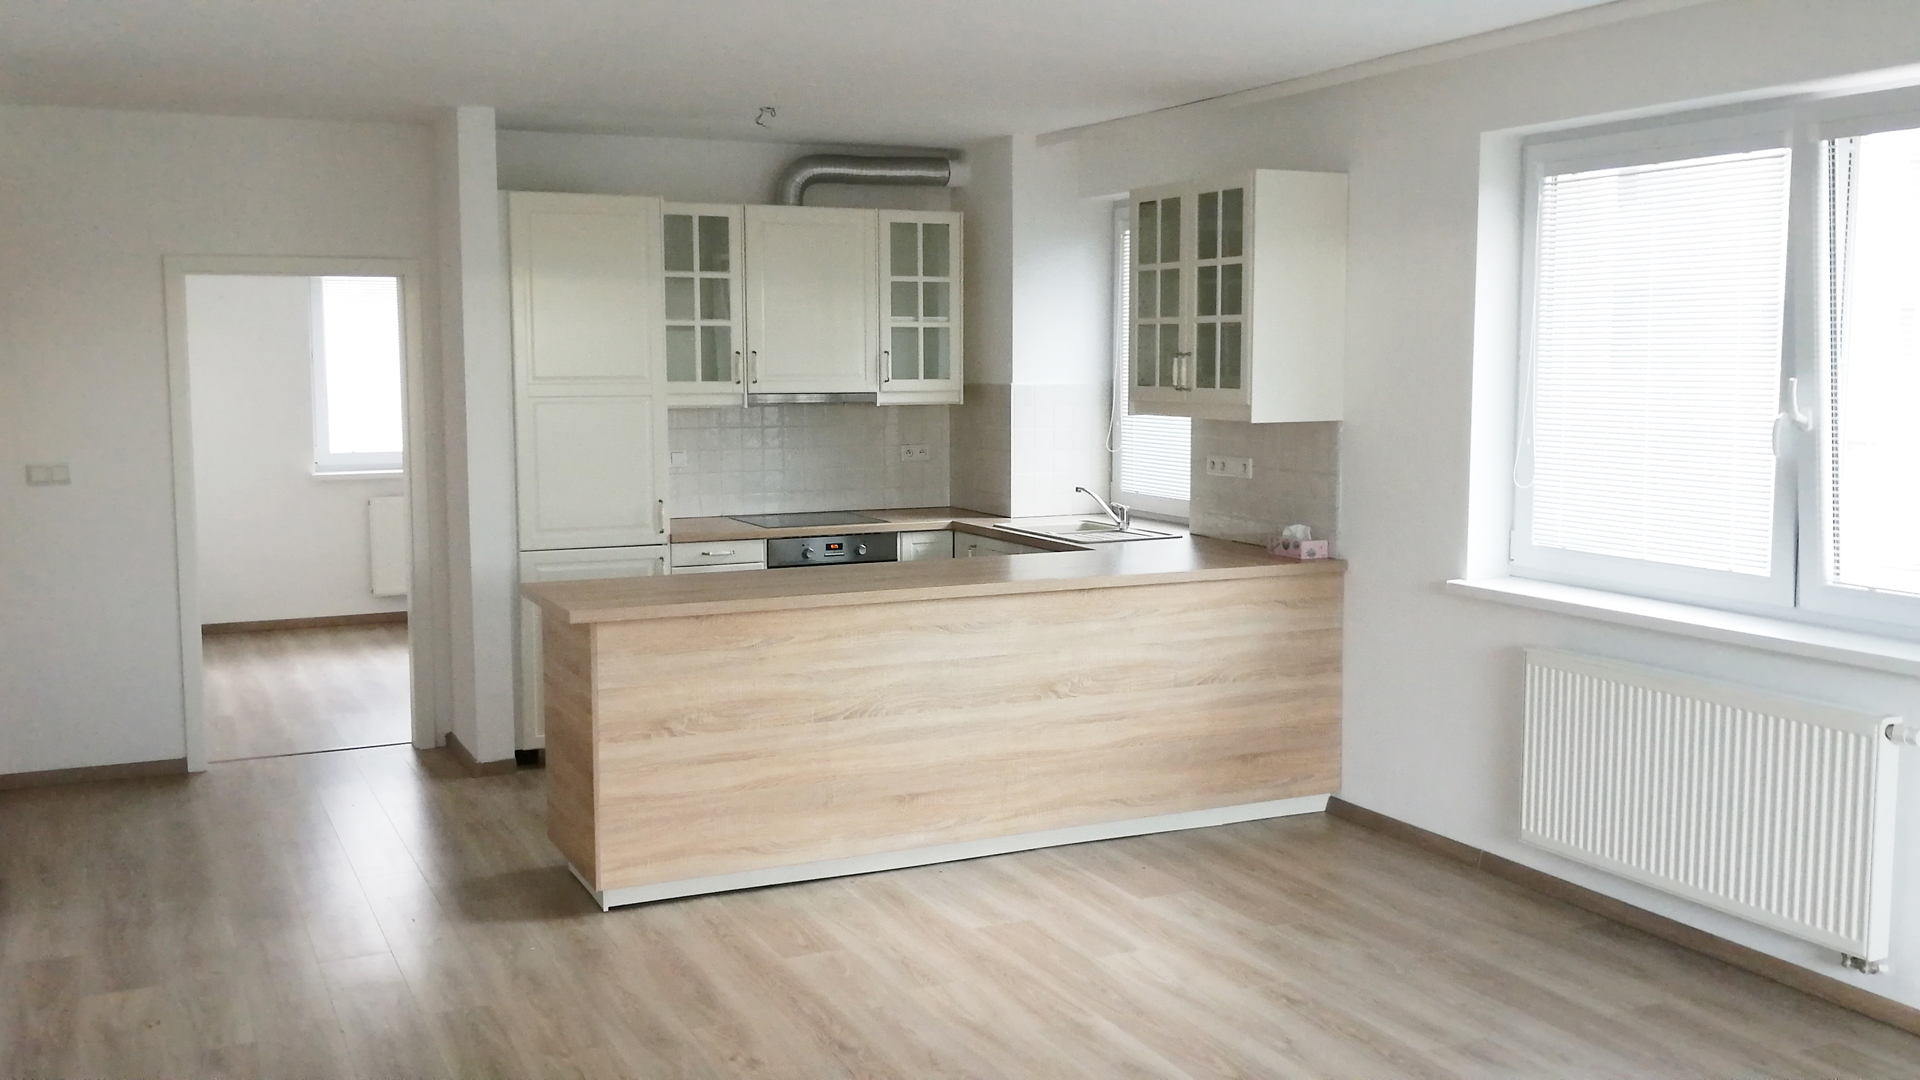 3 izbový byt s lodžiou a parkovacím miestom, Dunajská Lužná – PREDANÉ